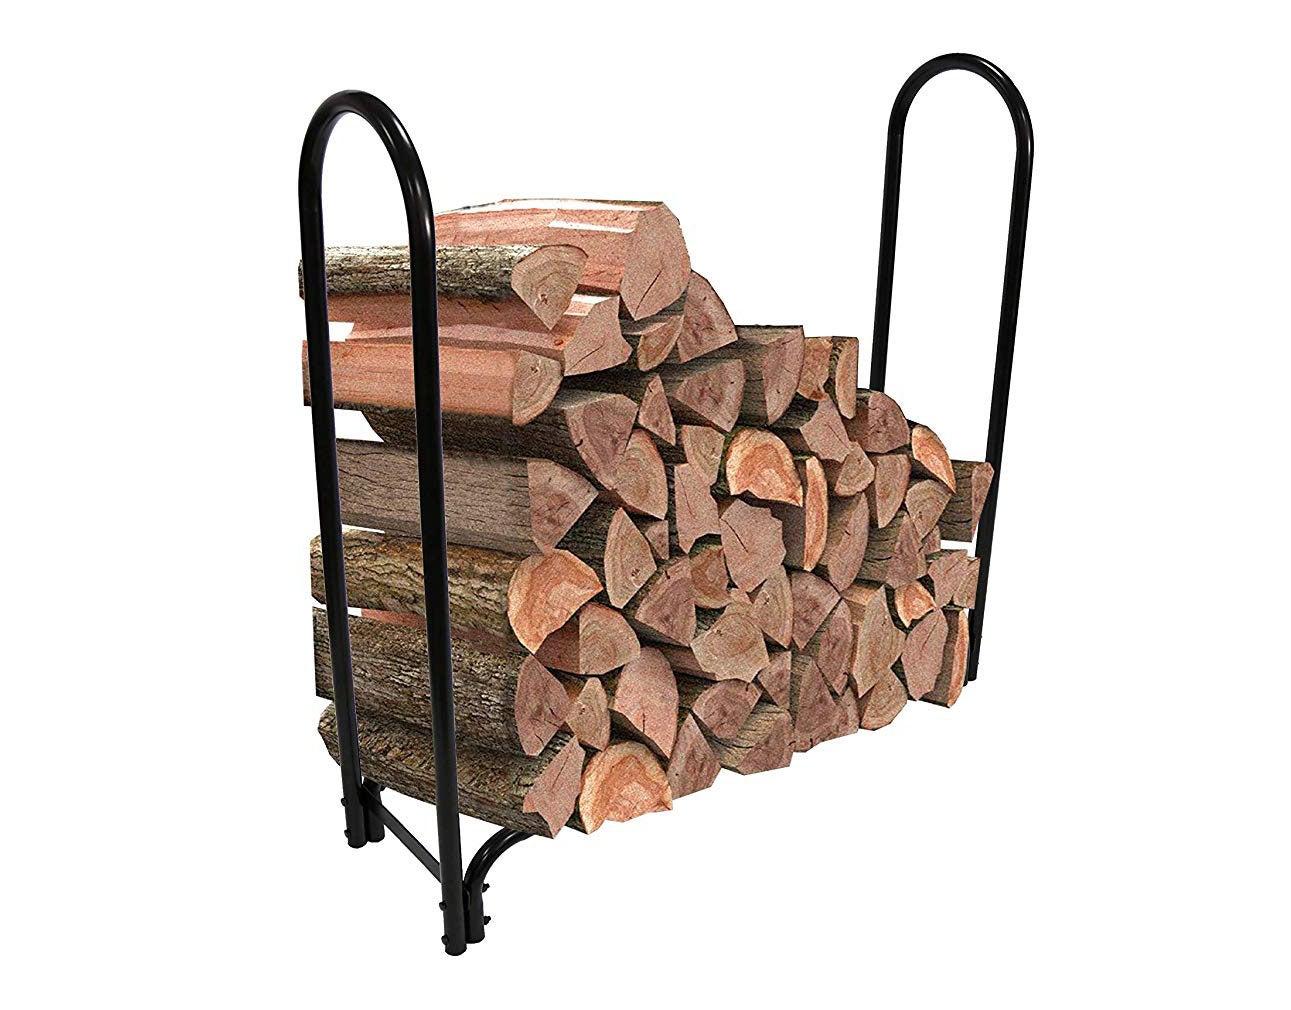 AmazonBasics Outdoor Indoor Log Rack